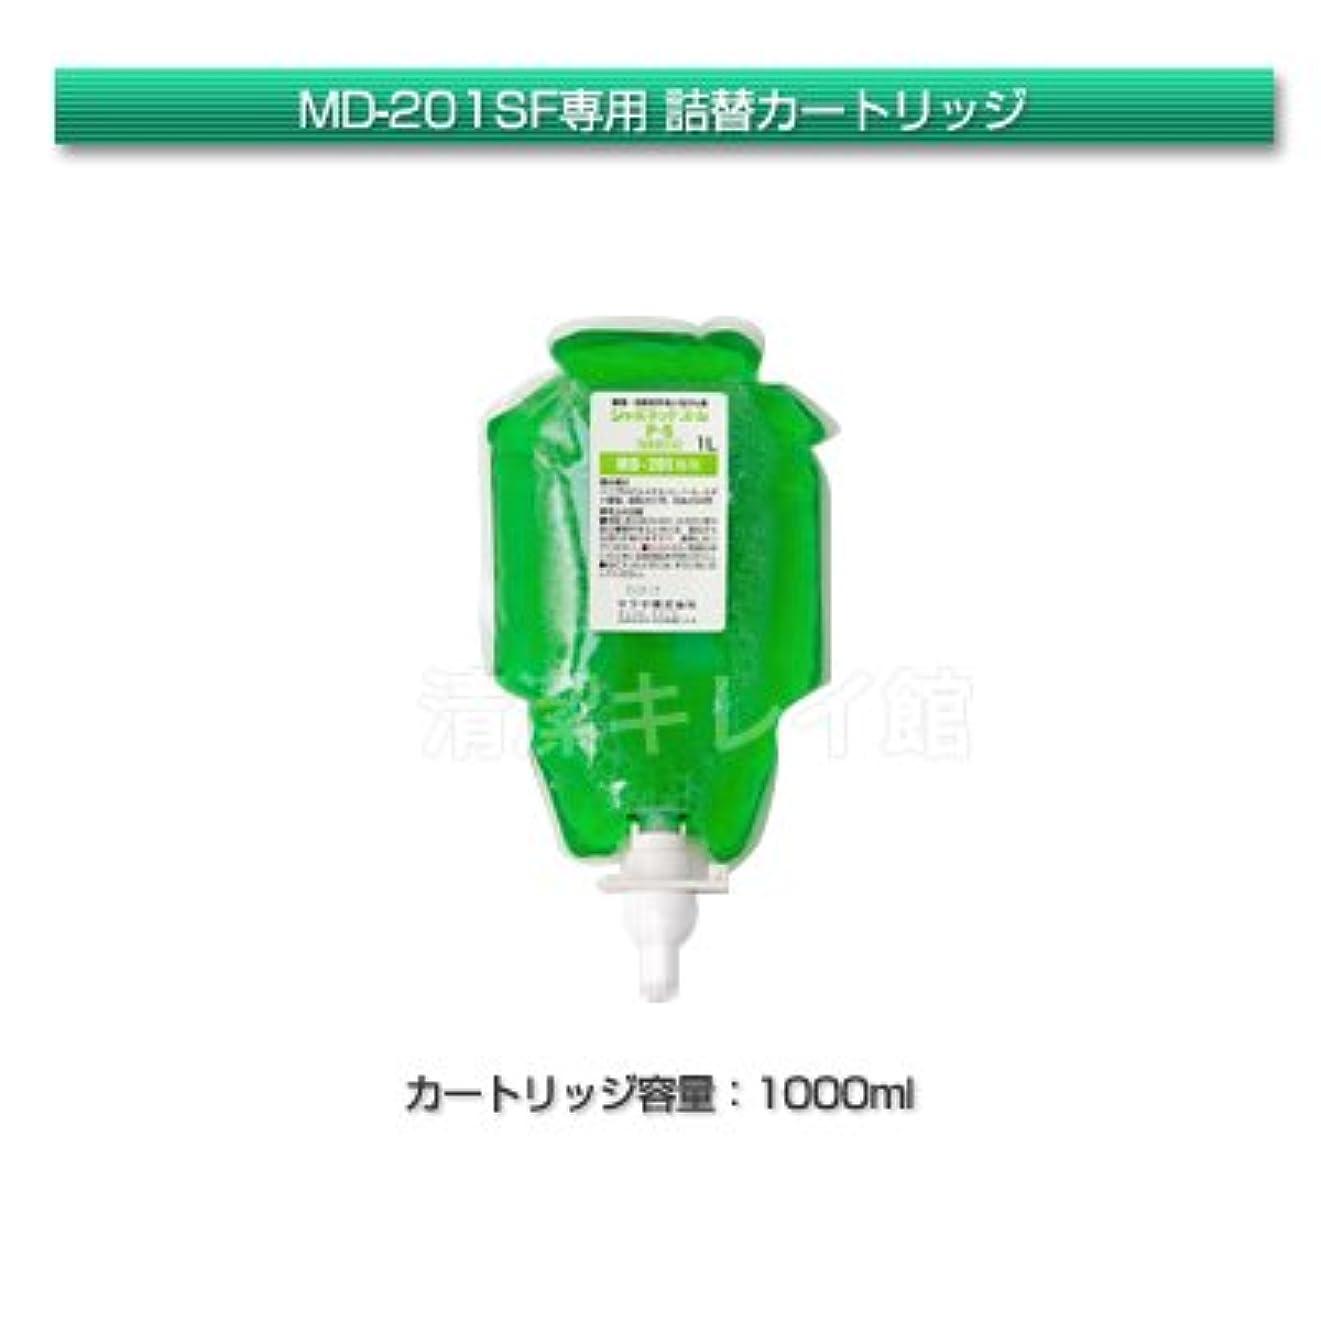 不承認ビヨン悪性腫瘍サラヤ プッシュ式石鹸液 MD-201SF(泡)専用カートリッジ(ユムP-5)1000ml【清潔キレイ館】